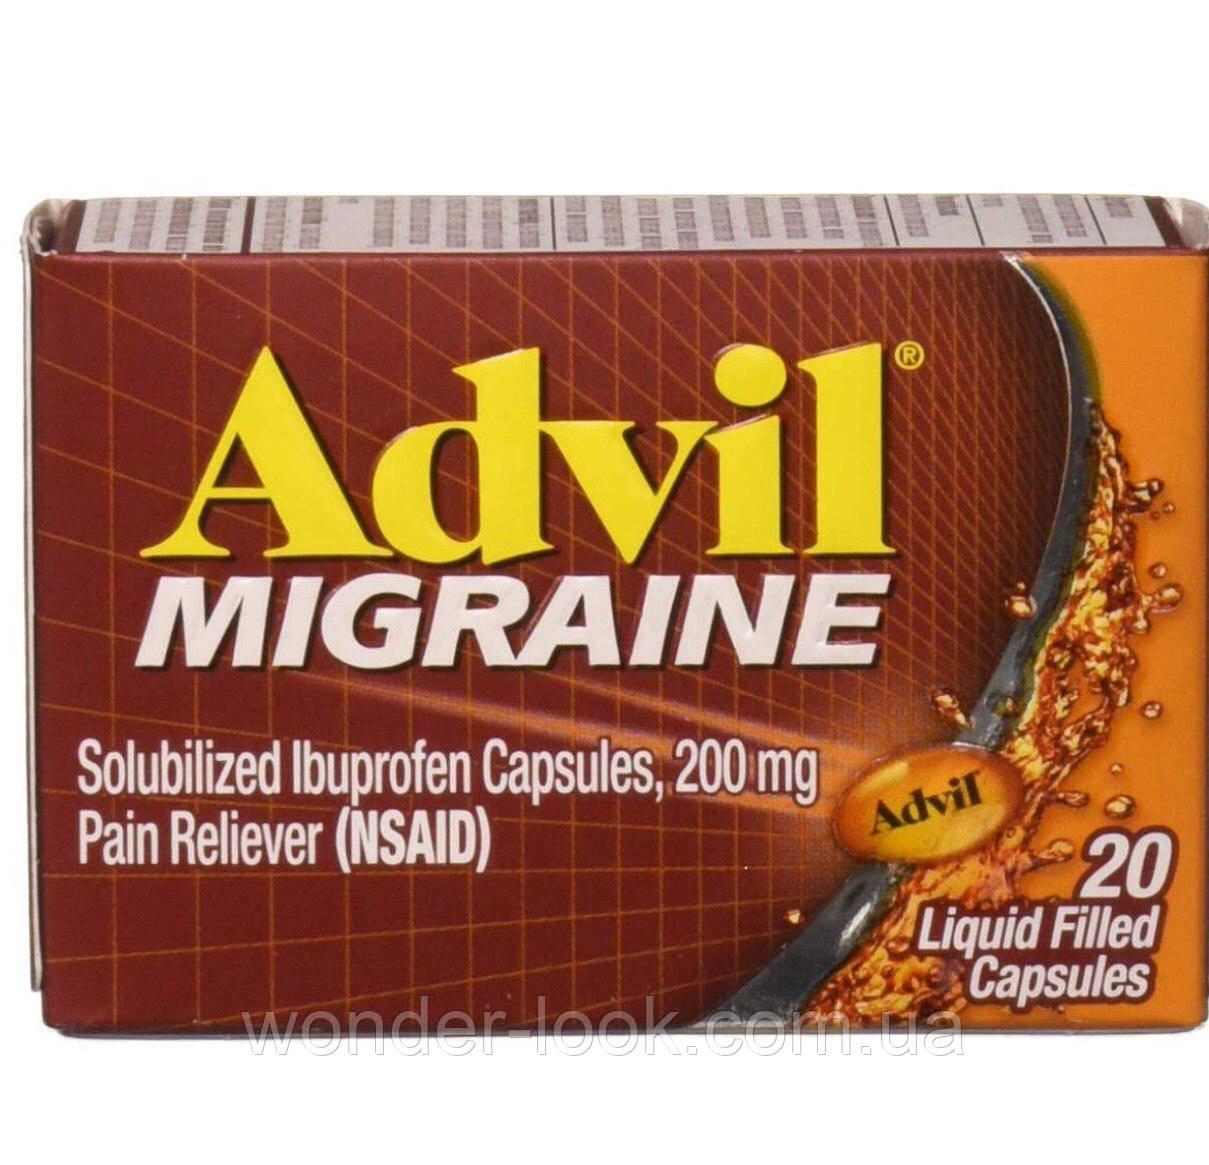 Advil migraine 20 шт